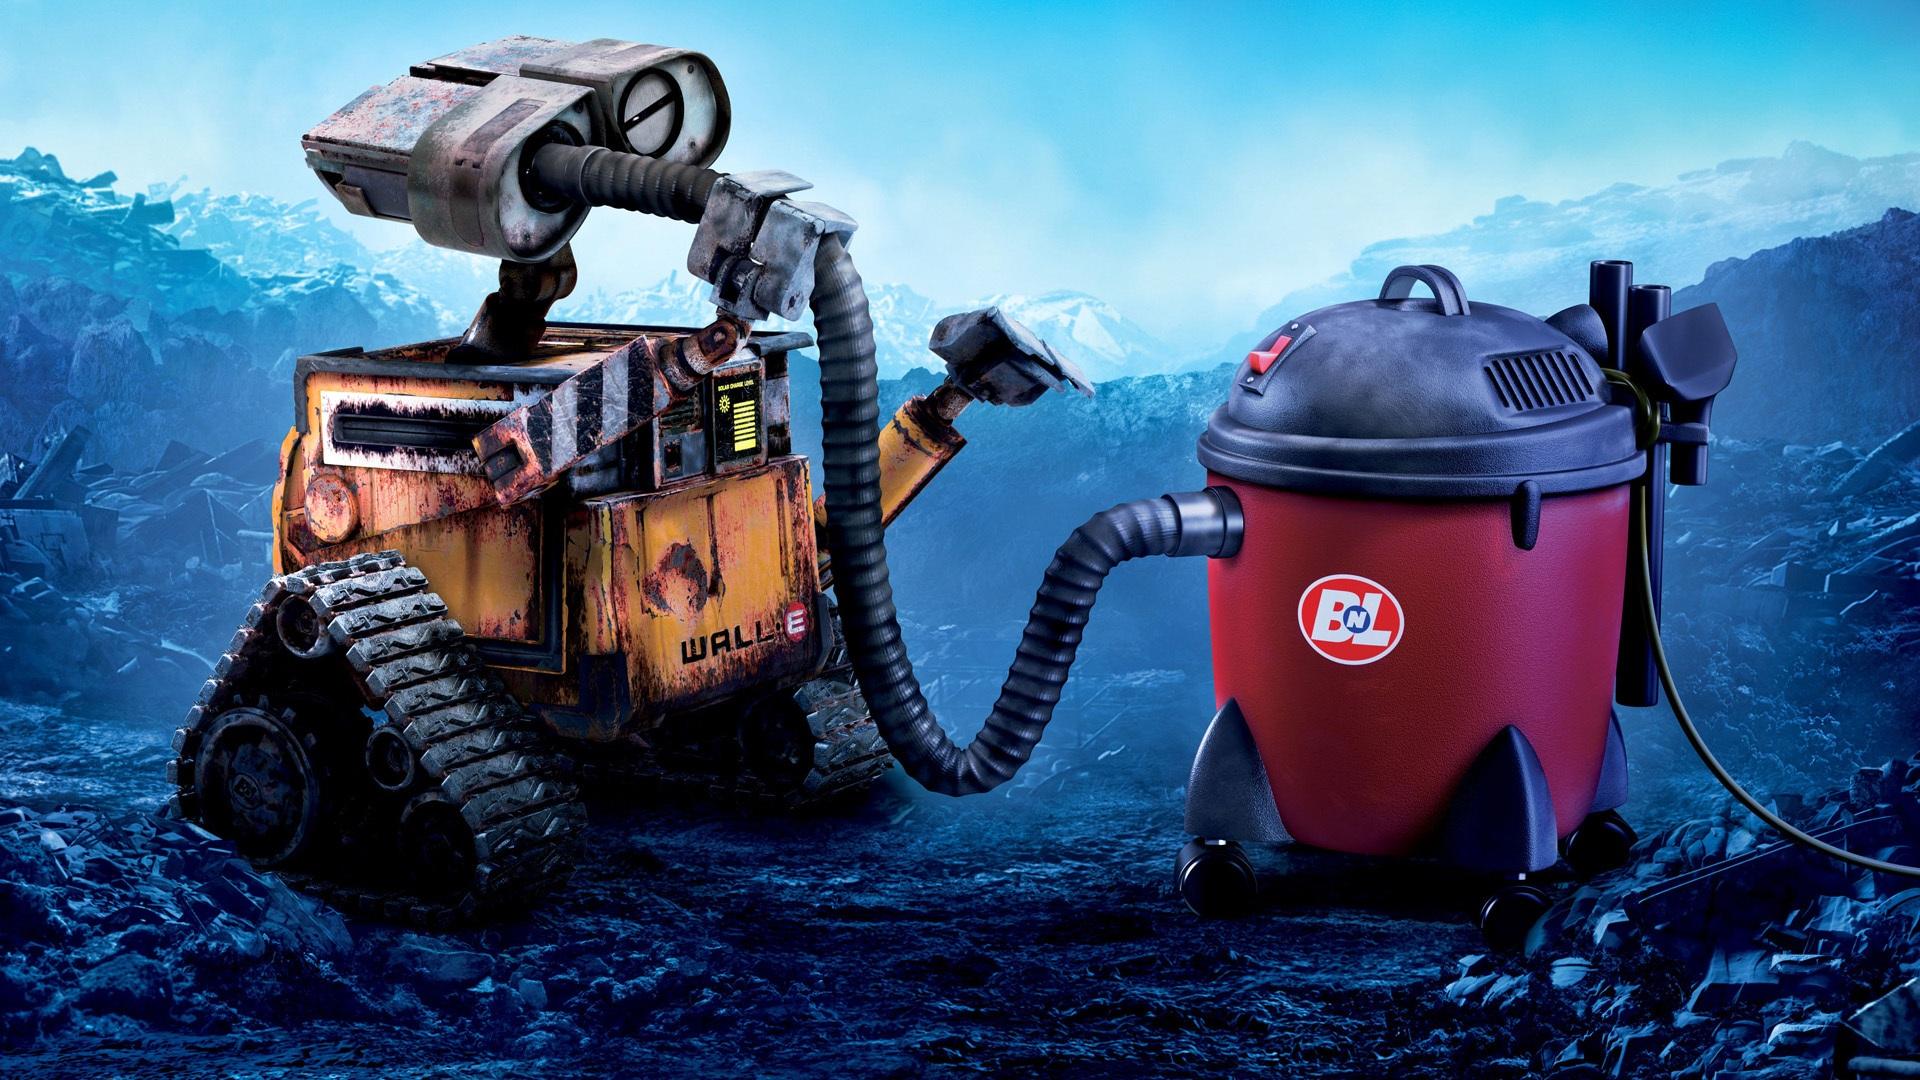 robot aspirateur wall-e